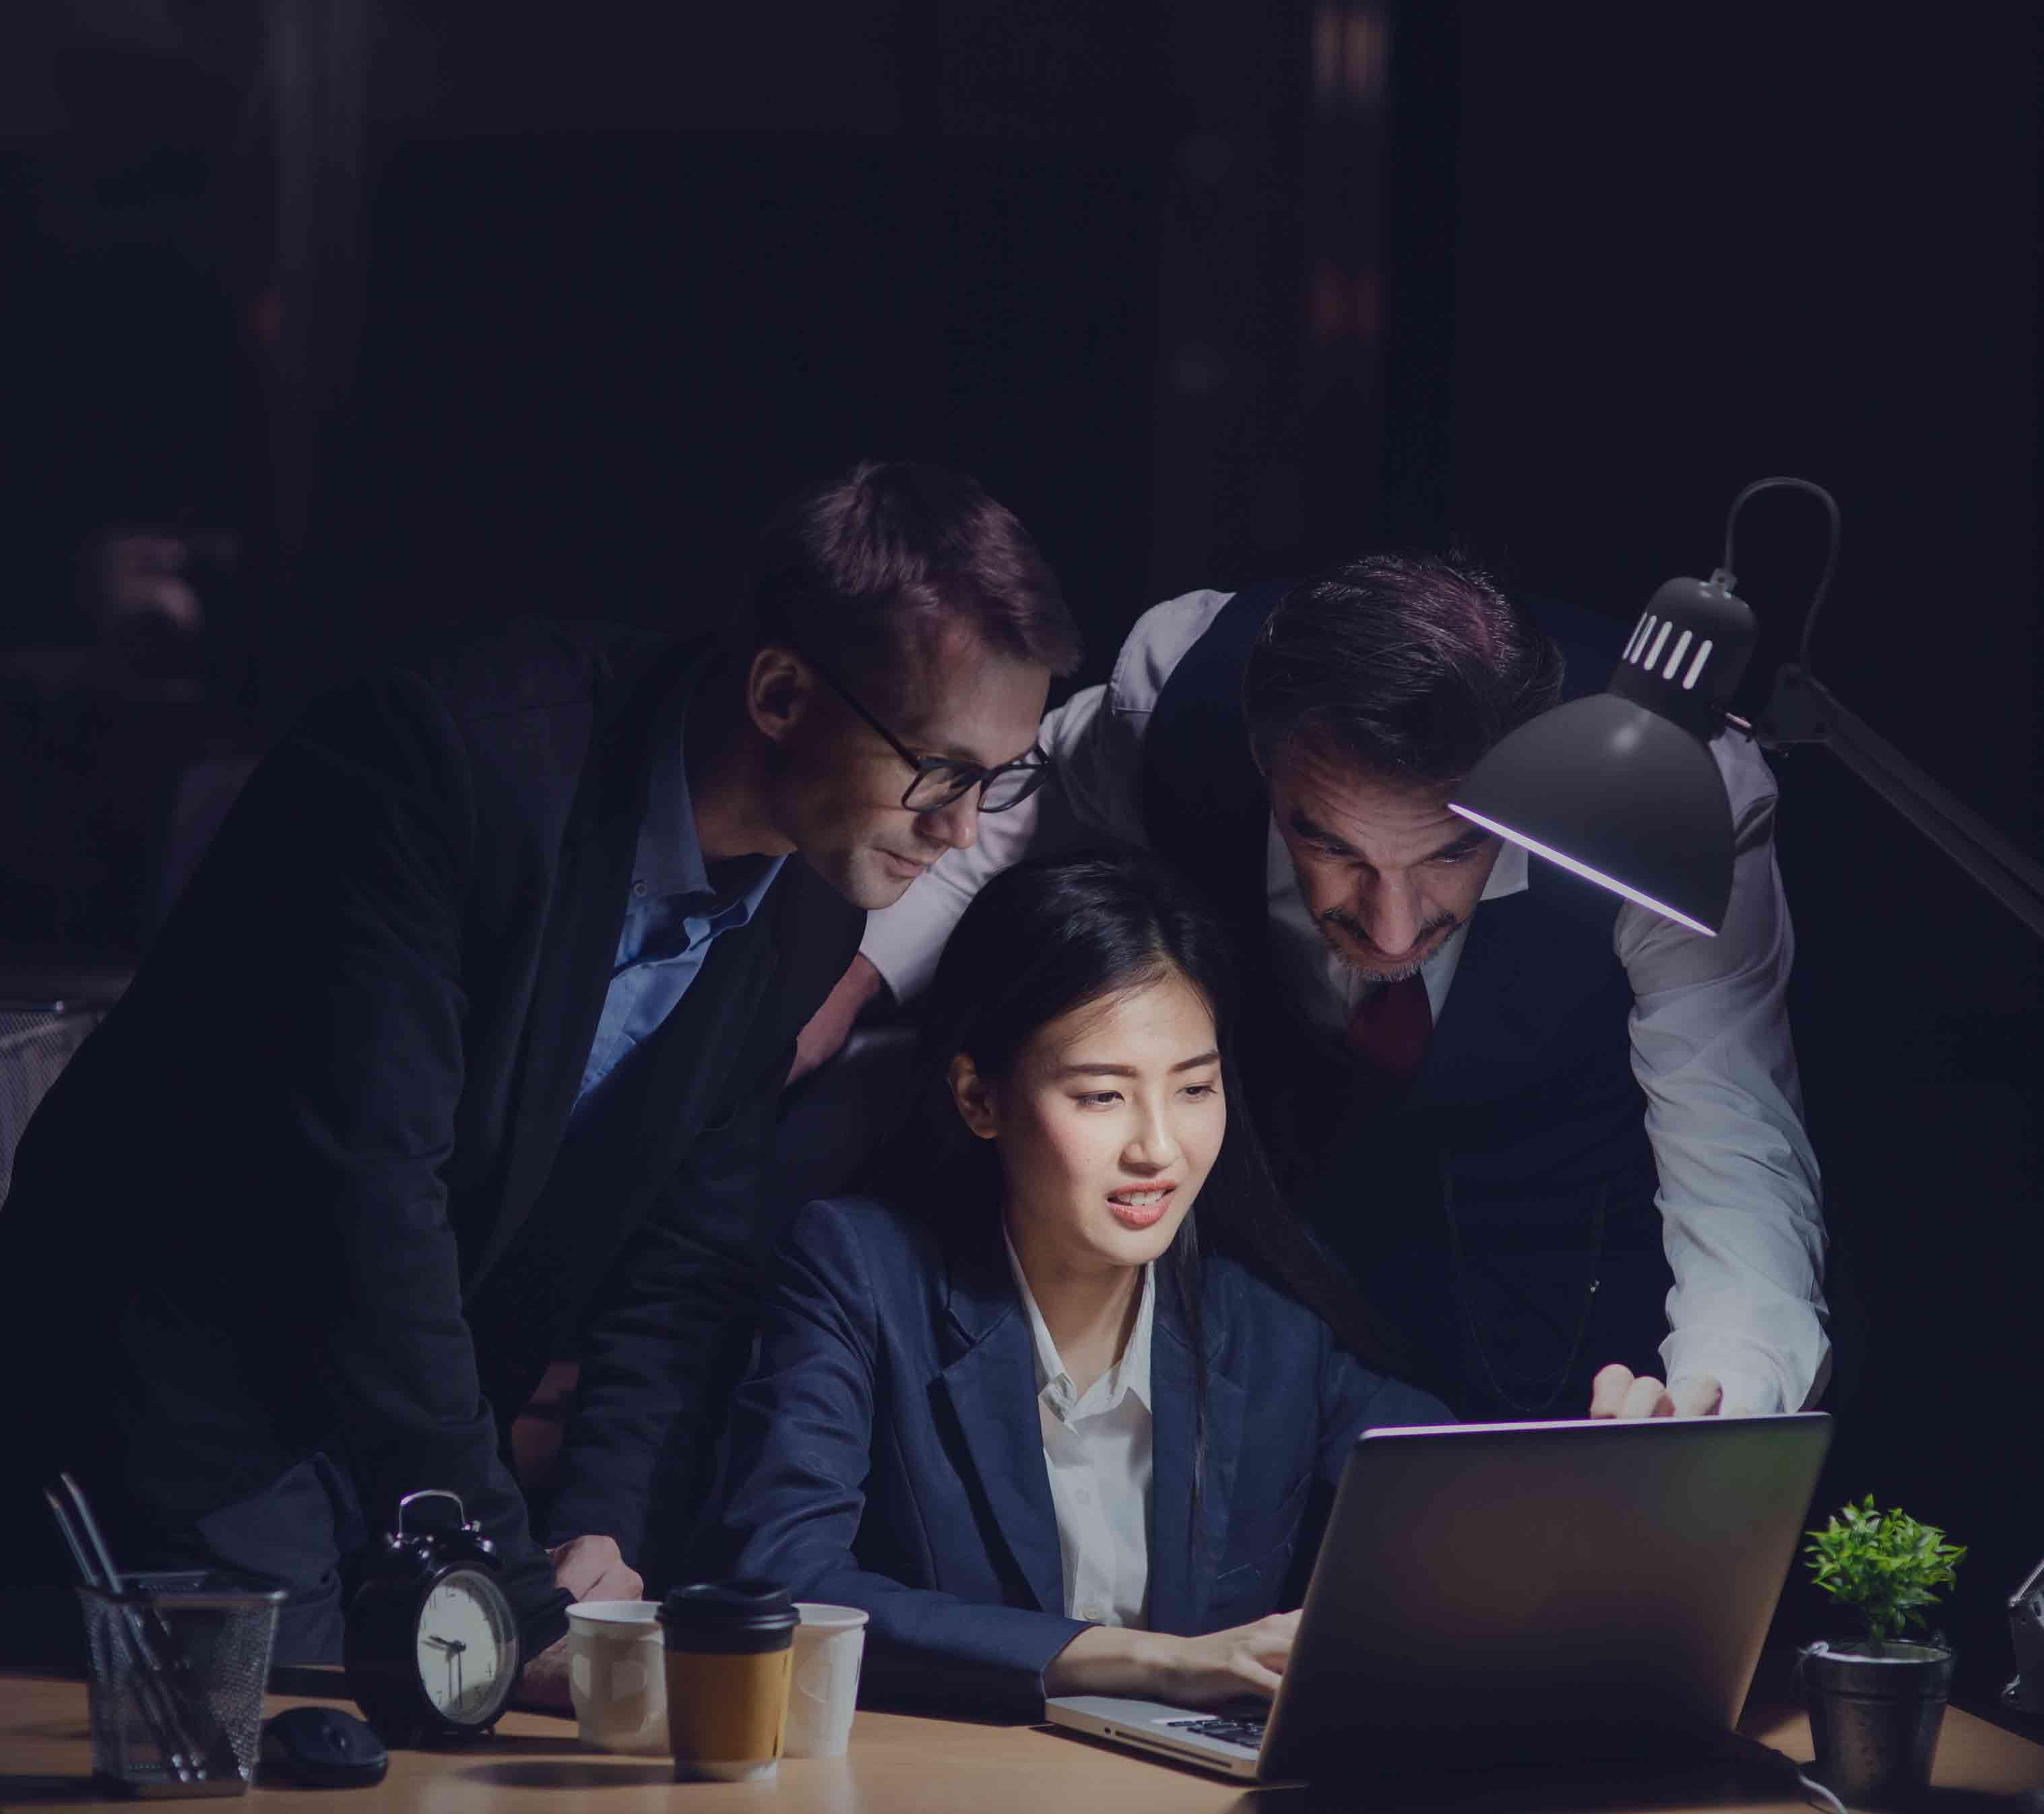 夜遅くオフィスで働くビジネスマン